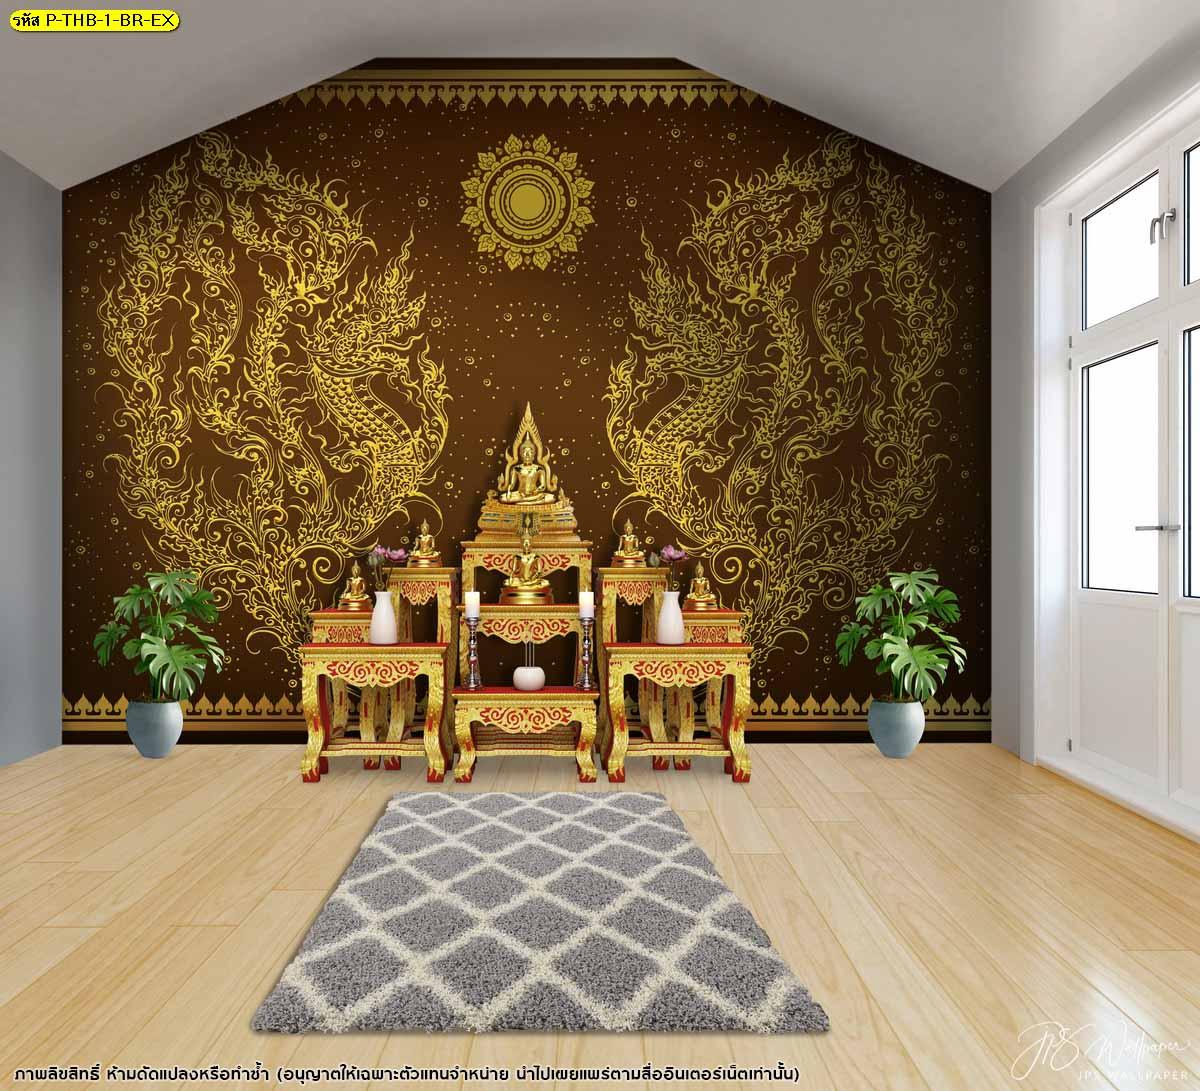 แต่งผนังบ้านด้วยภาพจิตรกรรมไทย ตัวอย่างห้องพระที่โดดเด่น ภาพสั่งพิมพ์ติดผนัง